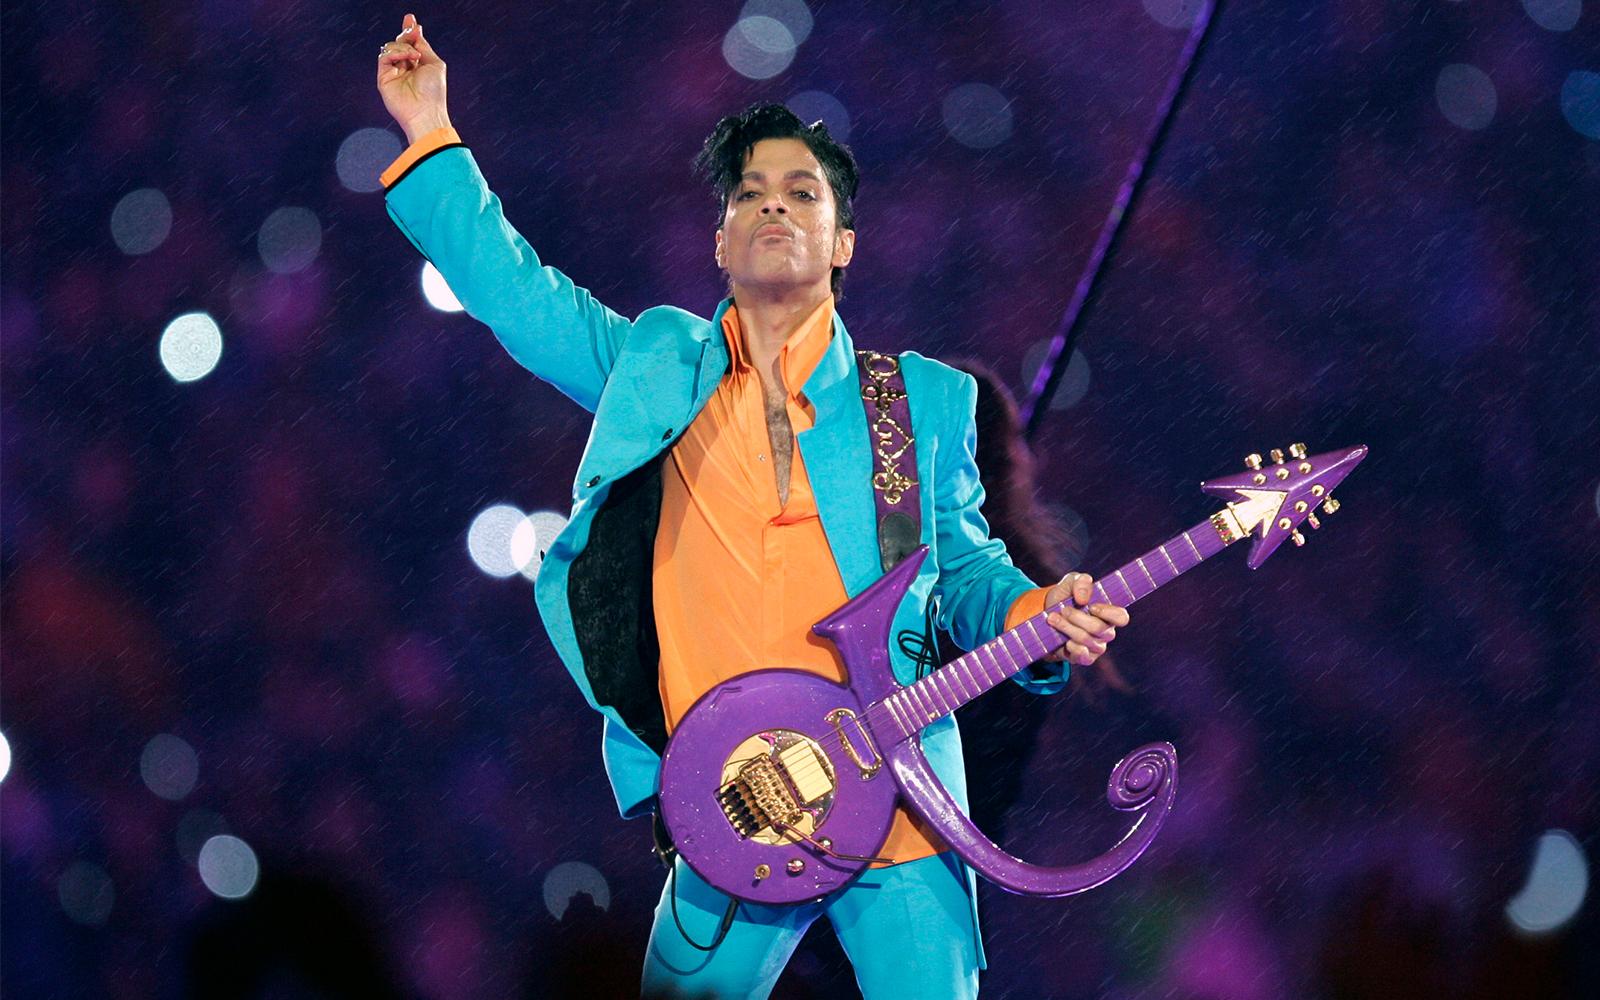 Prince lors du spectacle de la mi-temps du Super Bowl à Miami, en Floride, le 4 février 2007. (AP Photo/Chris O'Meara, File)